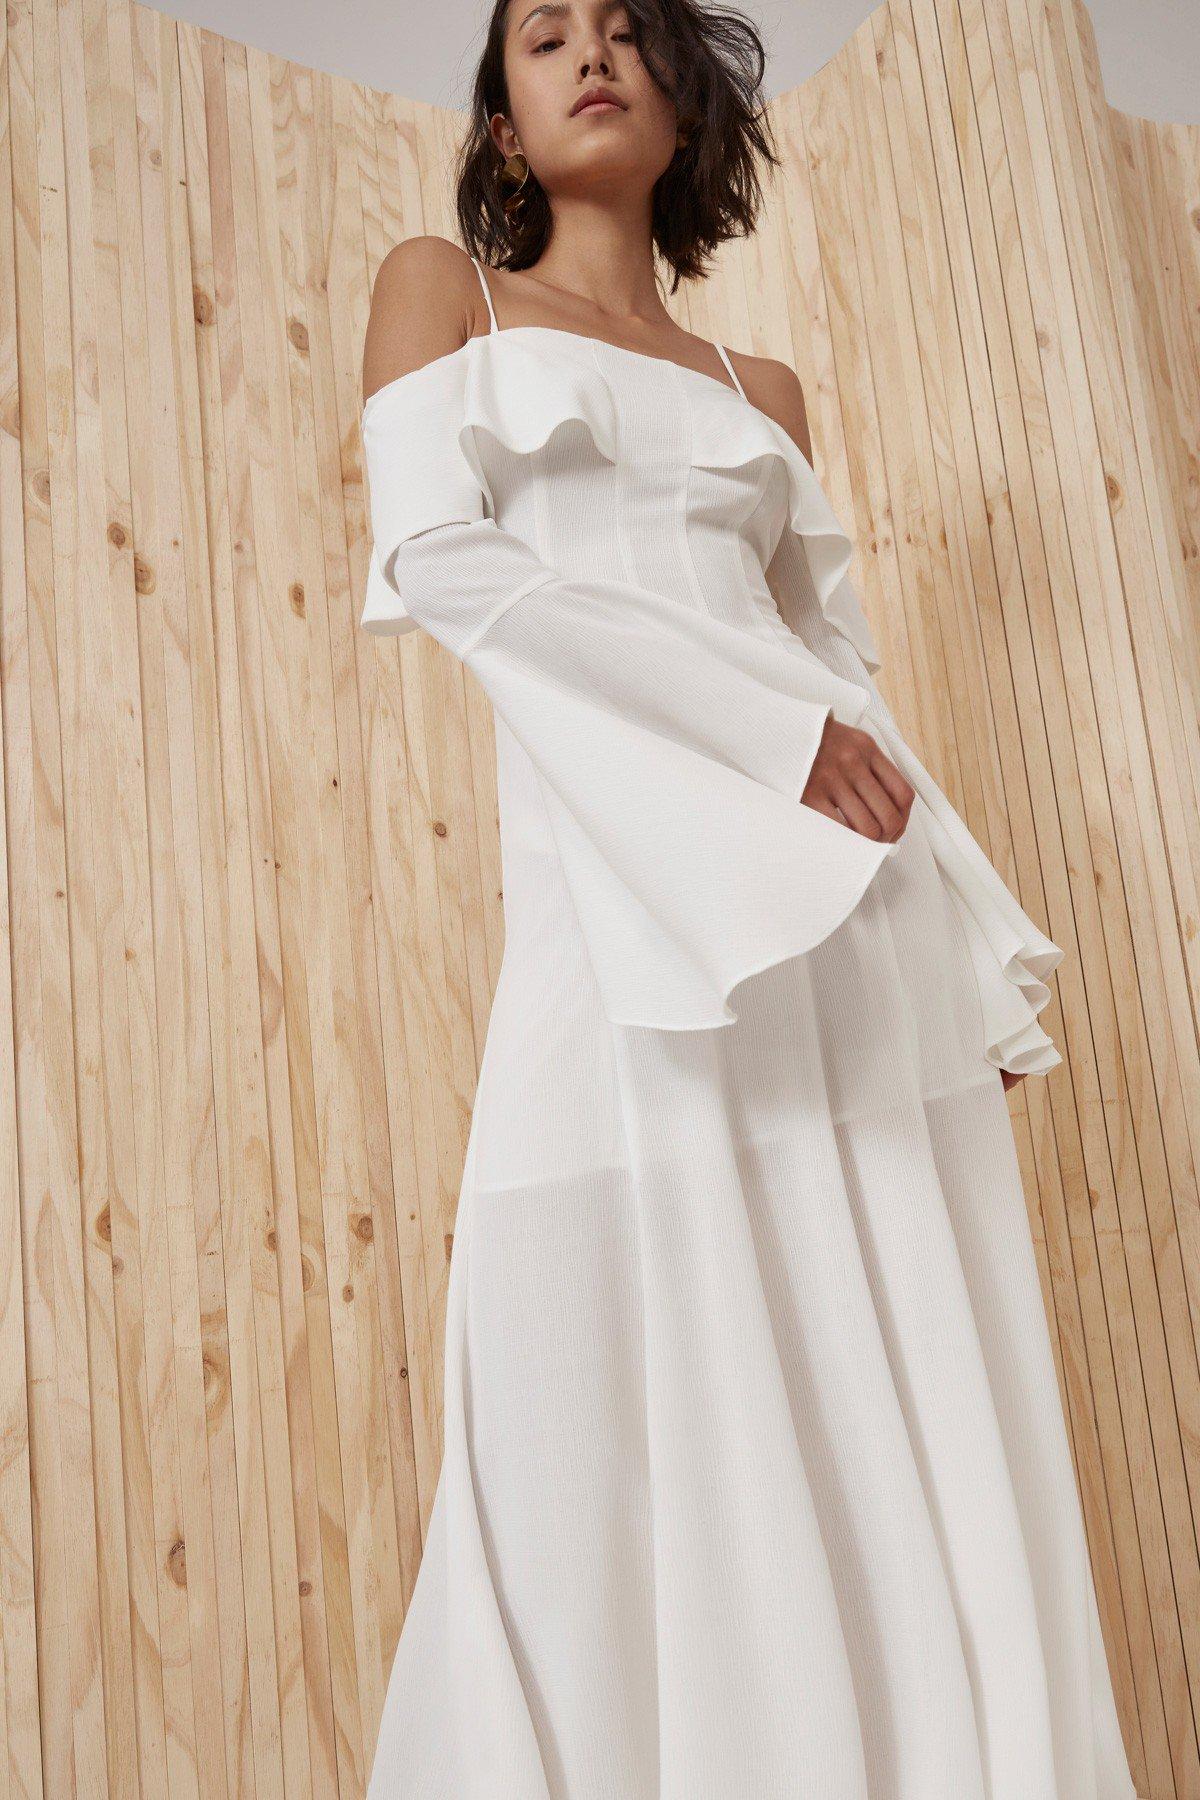 Shop C/MEO Compose Full Length Dress.